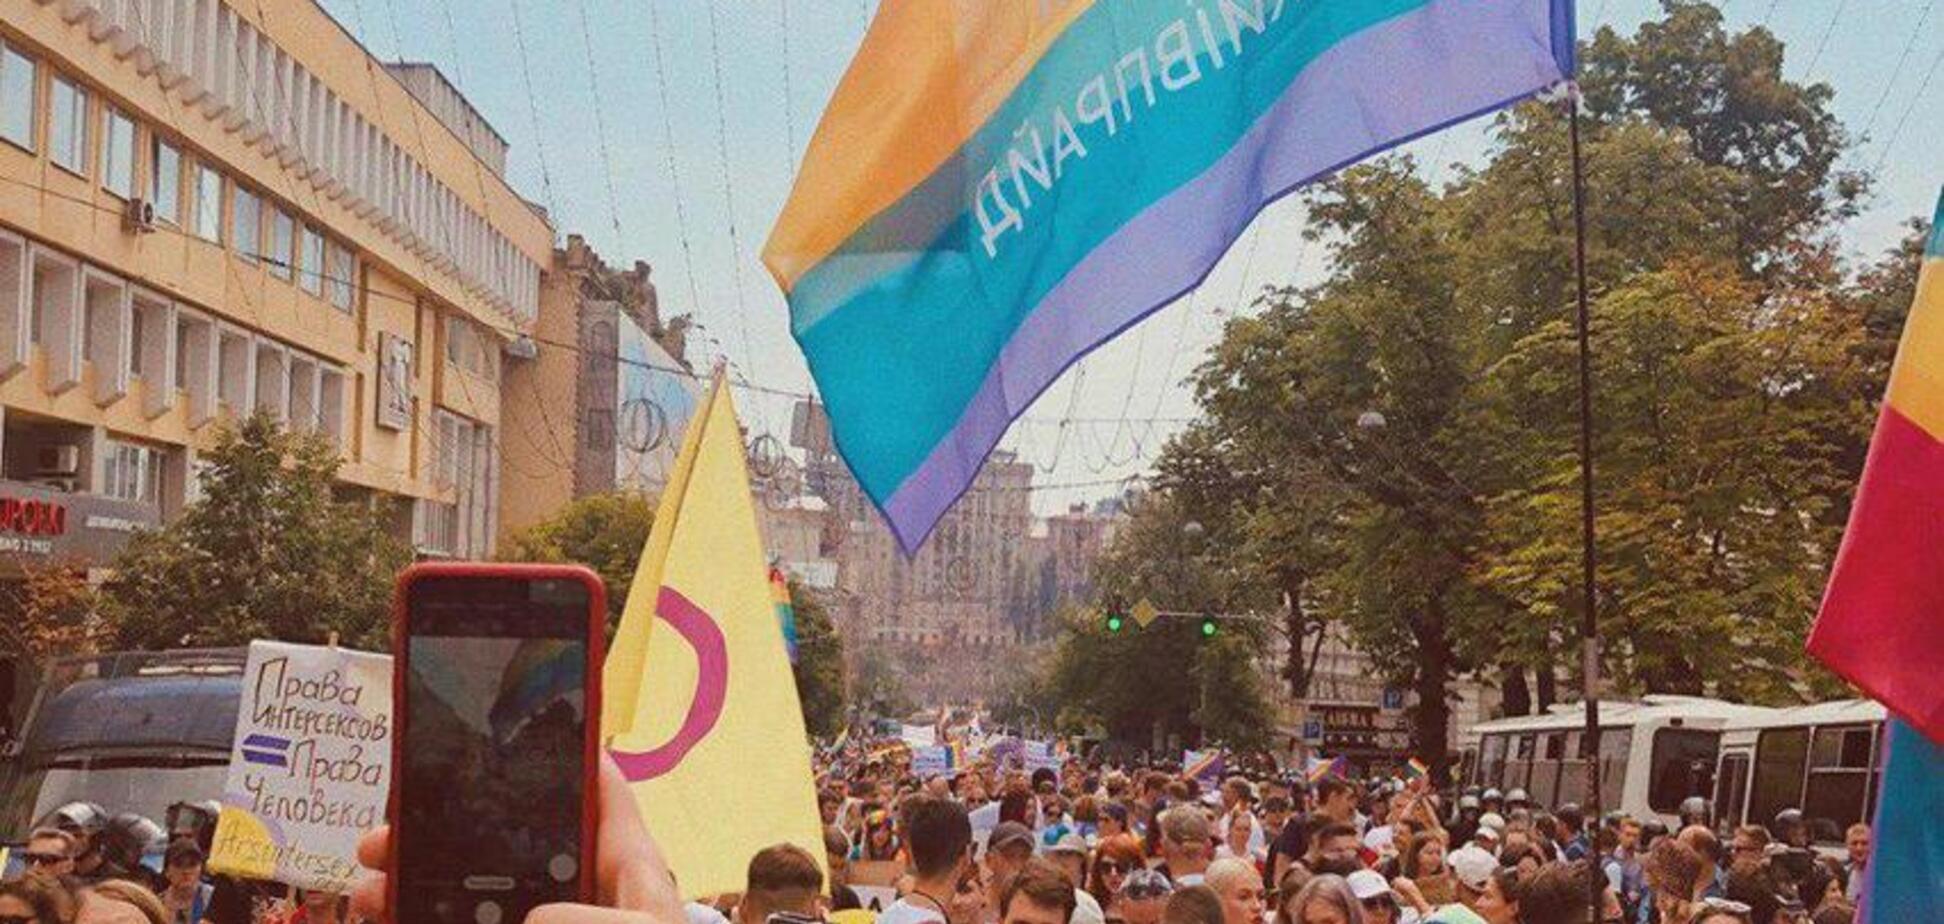 'КиевПрайд-2019': кто из украинских звезд вступился за ЛГБТ